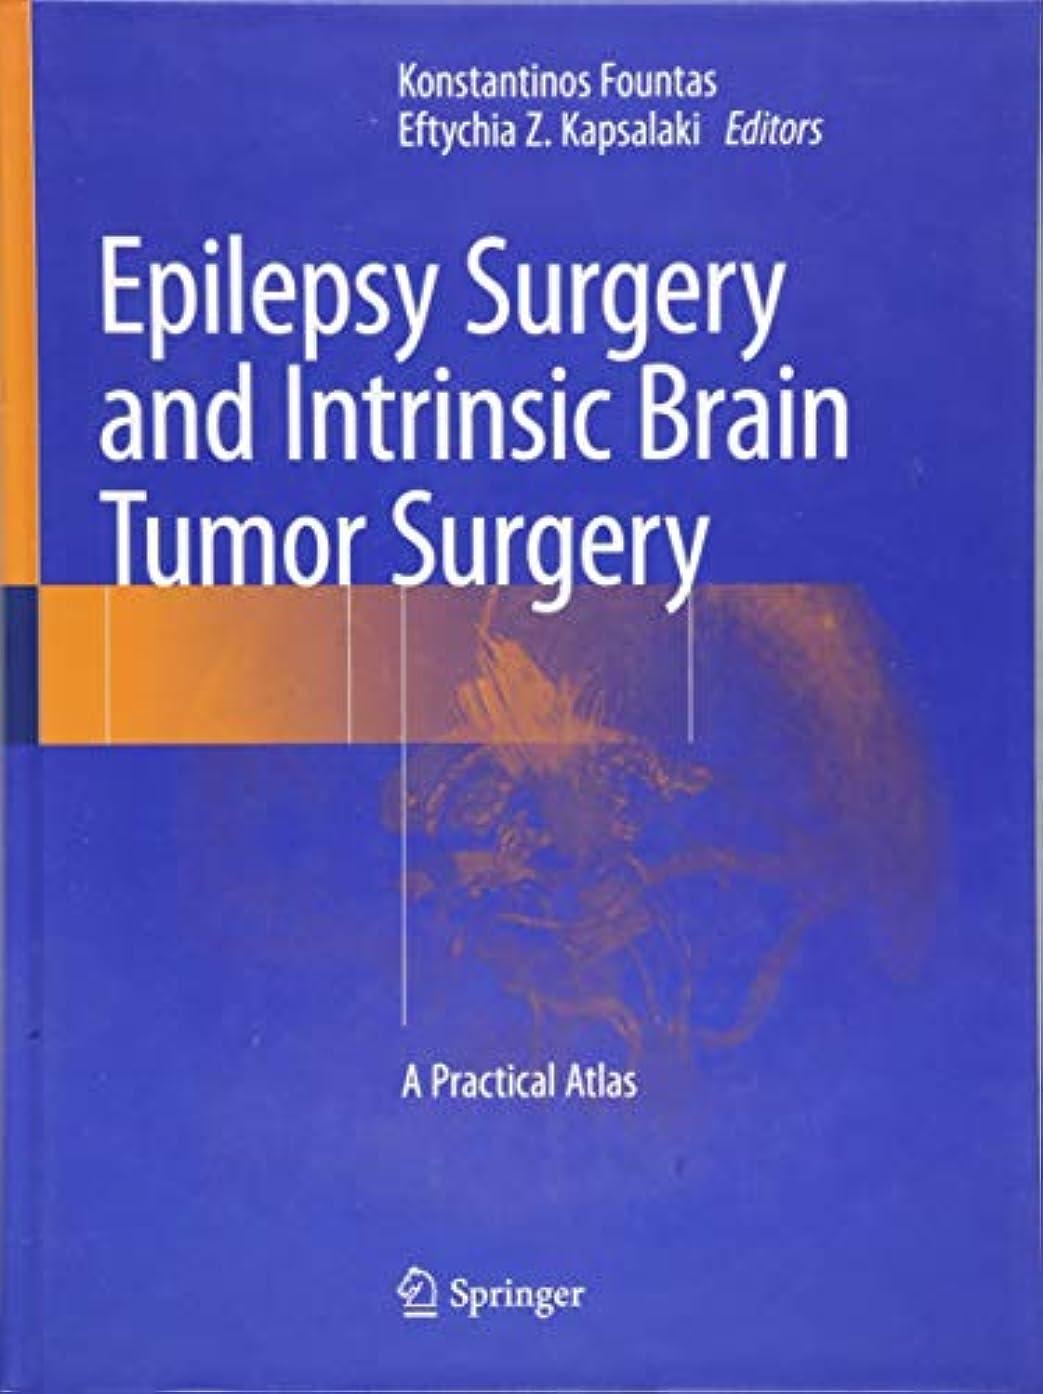 ラウズ付き添い人恩恵Epilepsy Surgery and Intrinsic Brain Tumor Surgery: A Practical Atlas